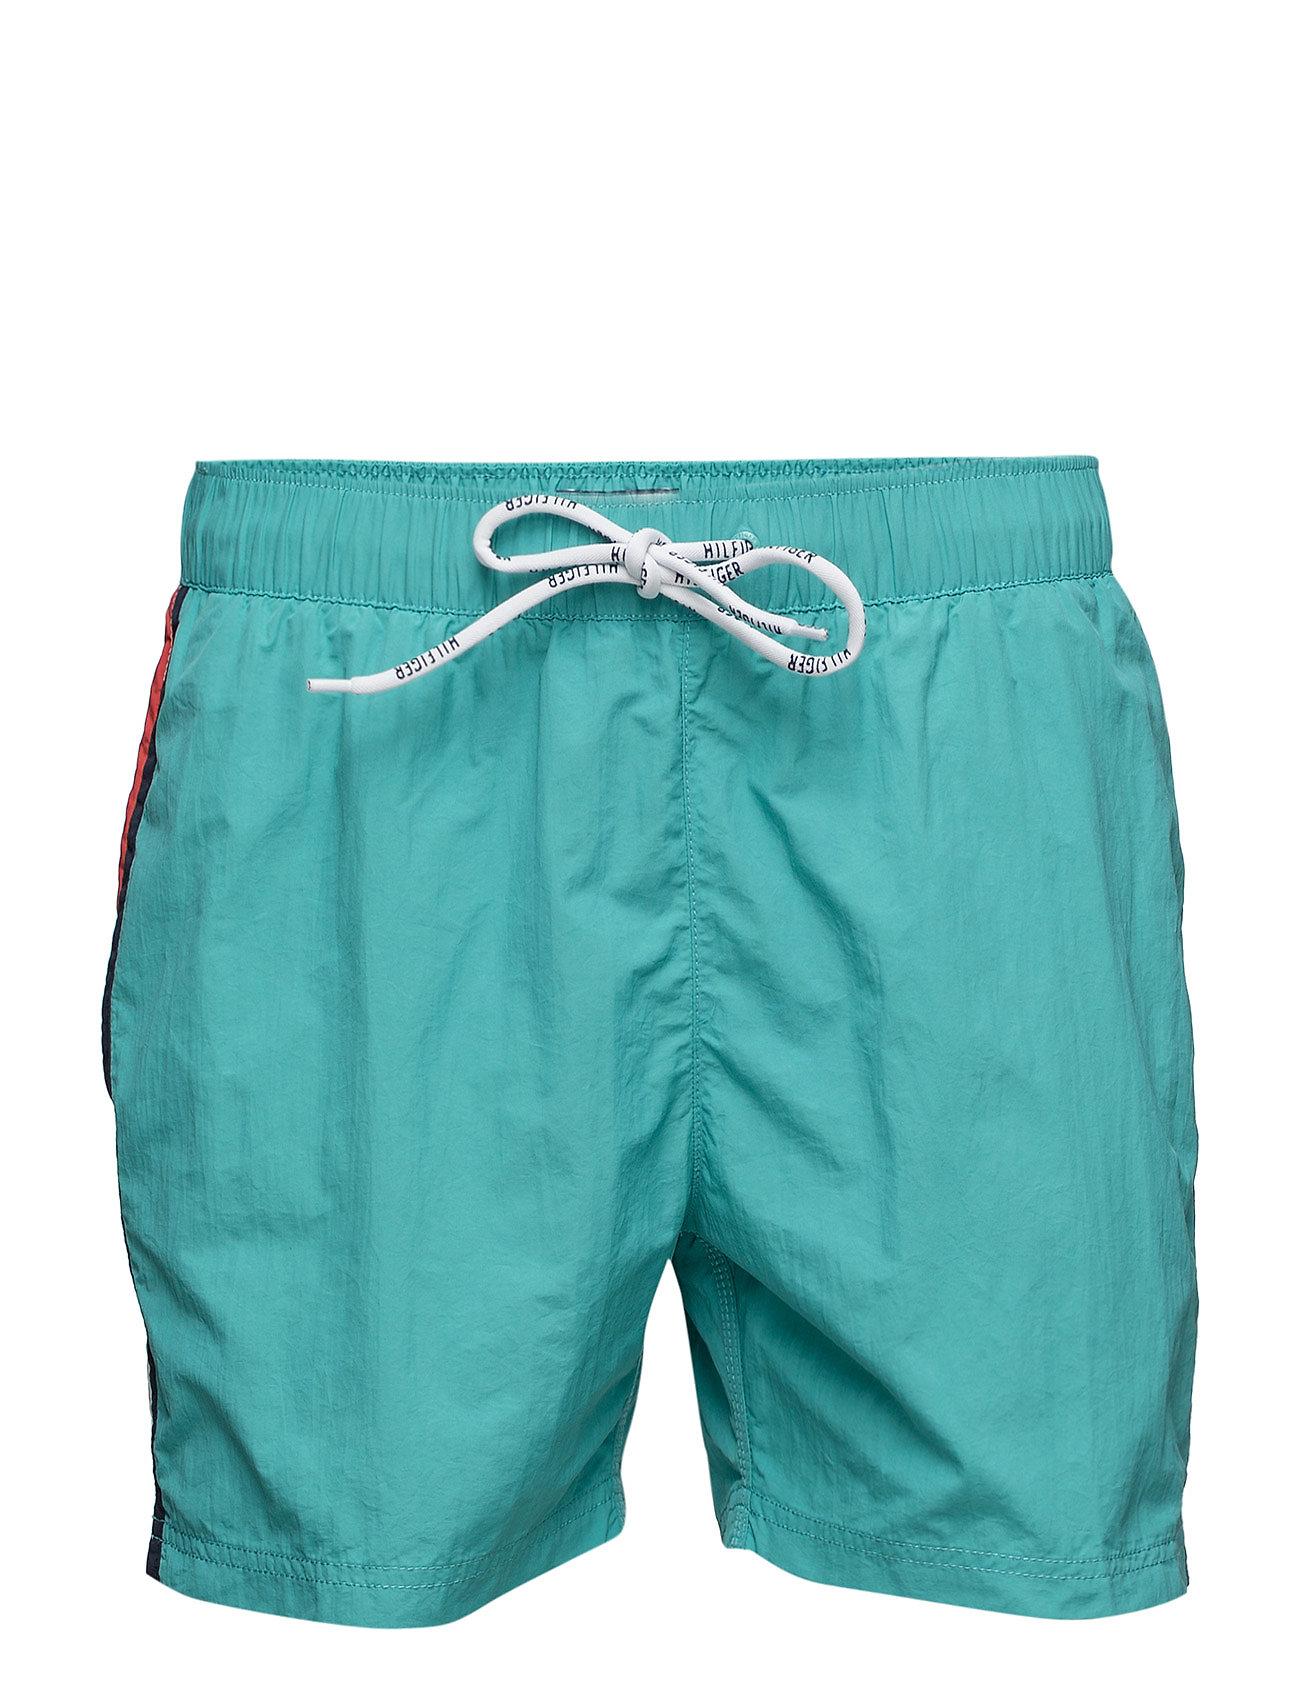 Thdm Basic Flag Swimshort 12 Hilfiger Denim Shorts til Herrer i Blå